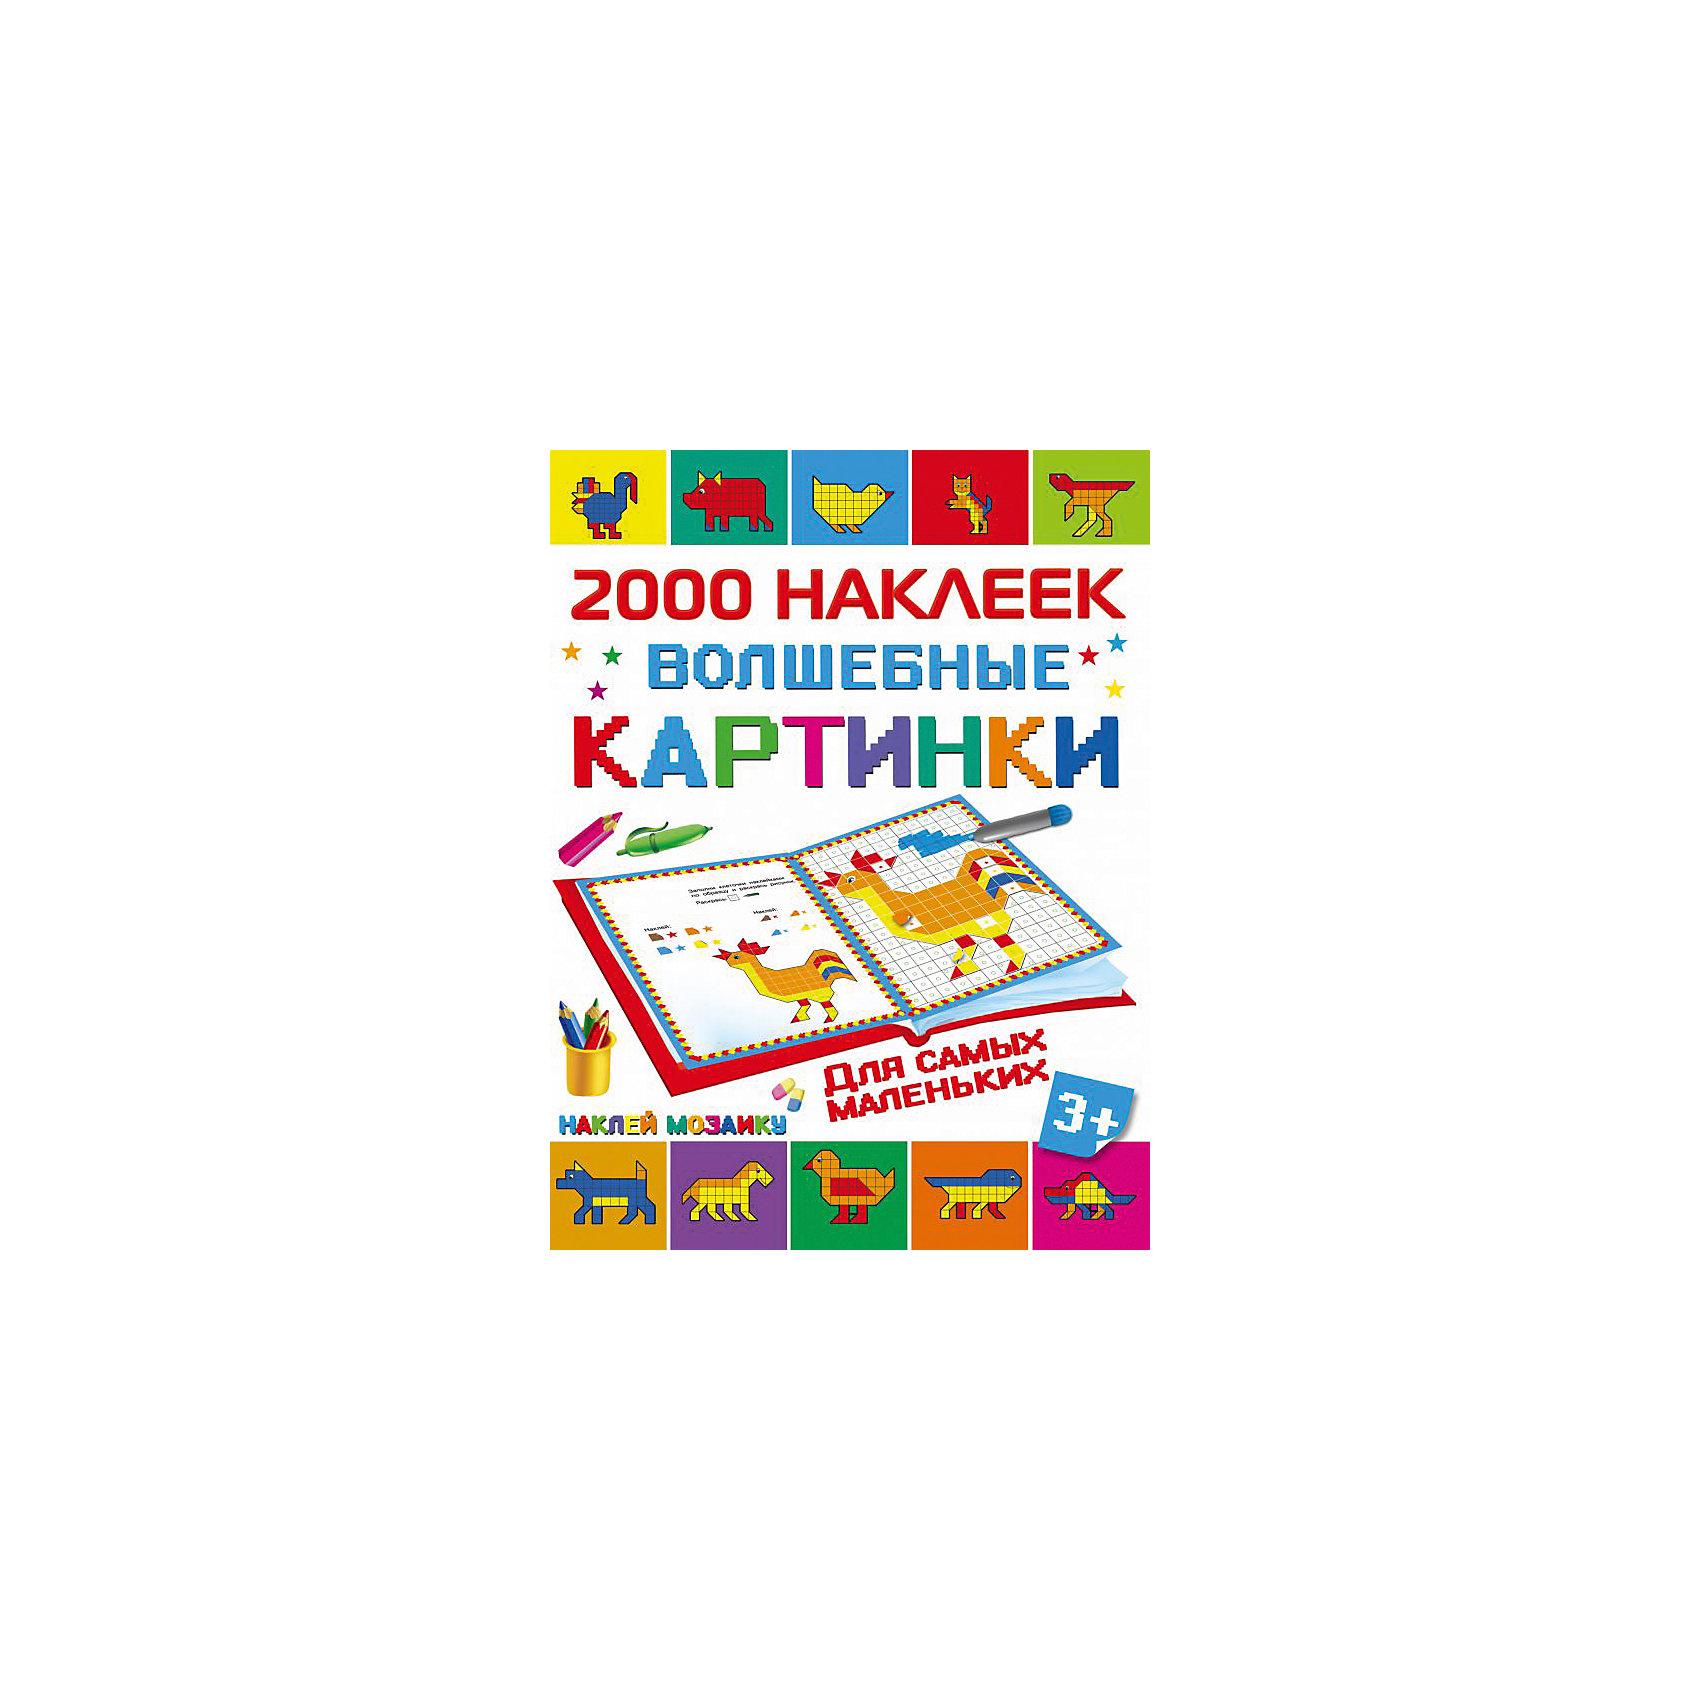 Волшебные картинки для самых маленькихРаскраски по номерам<br>«Волшебные картинки для самых маленьких» — книжка-раскраска с пиксельными картинками, в которой ребёнок сможет создавать необычные картинки. На каждой странице книги — образец рисунка и его символьная схема, указаны нужные формы наклеек разных цветов. Занятия по книге-раскраске способствуют разностороннему развитию ребёнка.<br>Для дошкольного возраста.<br><br>Ширина мм: 280<br>Глубина мм: 210<br>Высота мм: 100<br>Вес г: 183<br>Возраст от месяцев: 48<br>Возраст до месяцев: 72<br>Пол: Унисекс<br>Возраст: Детский<br>SKU: 6848349